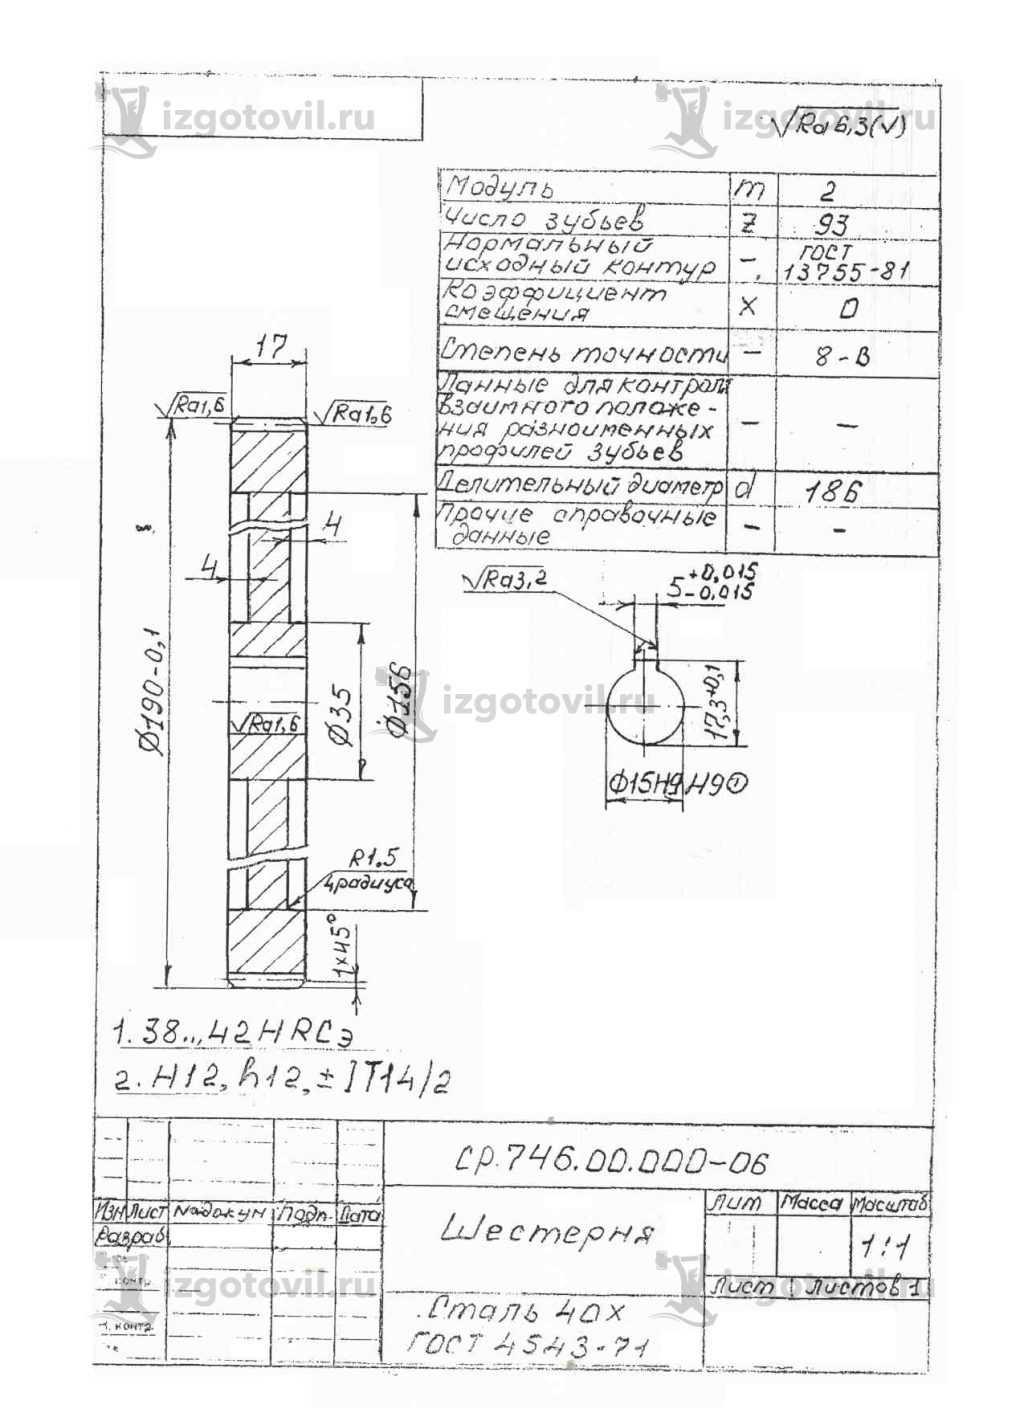 Изготовление деталей по чертежам: шестерни и шайба